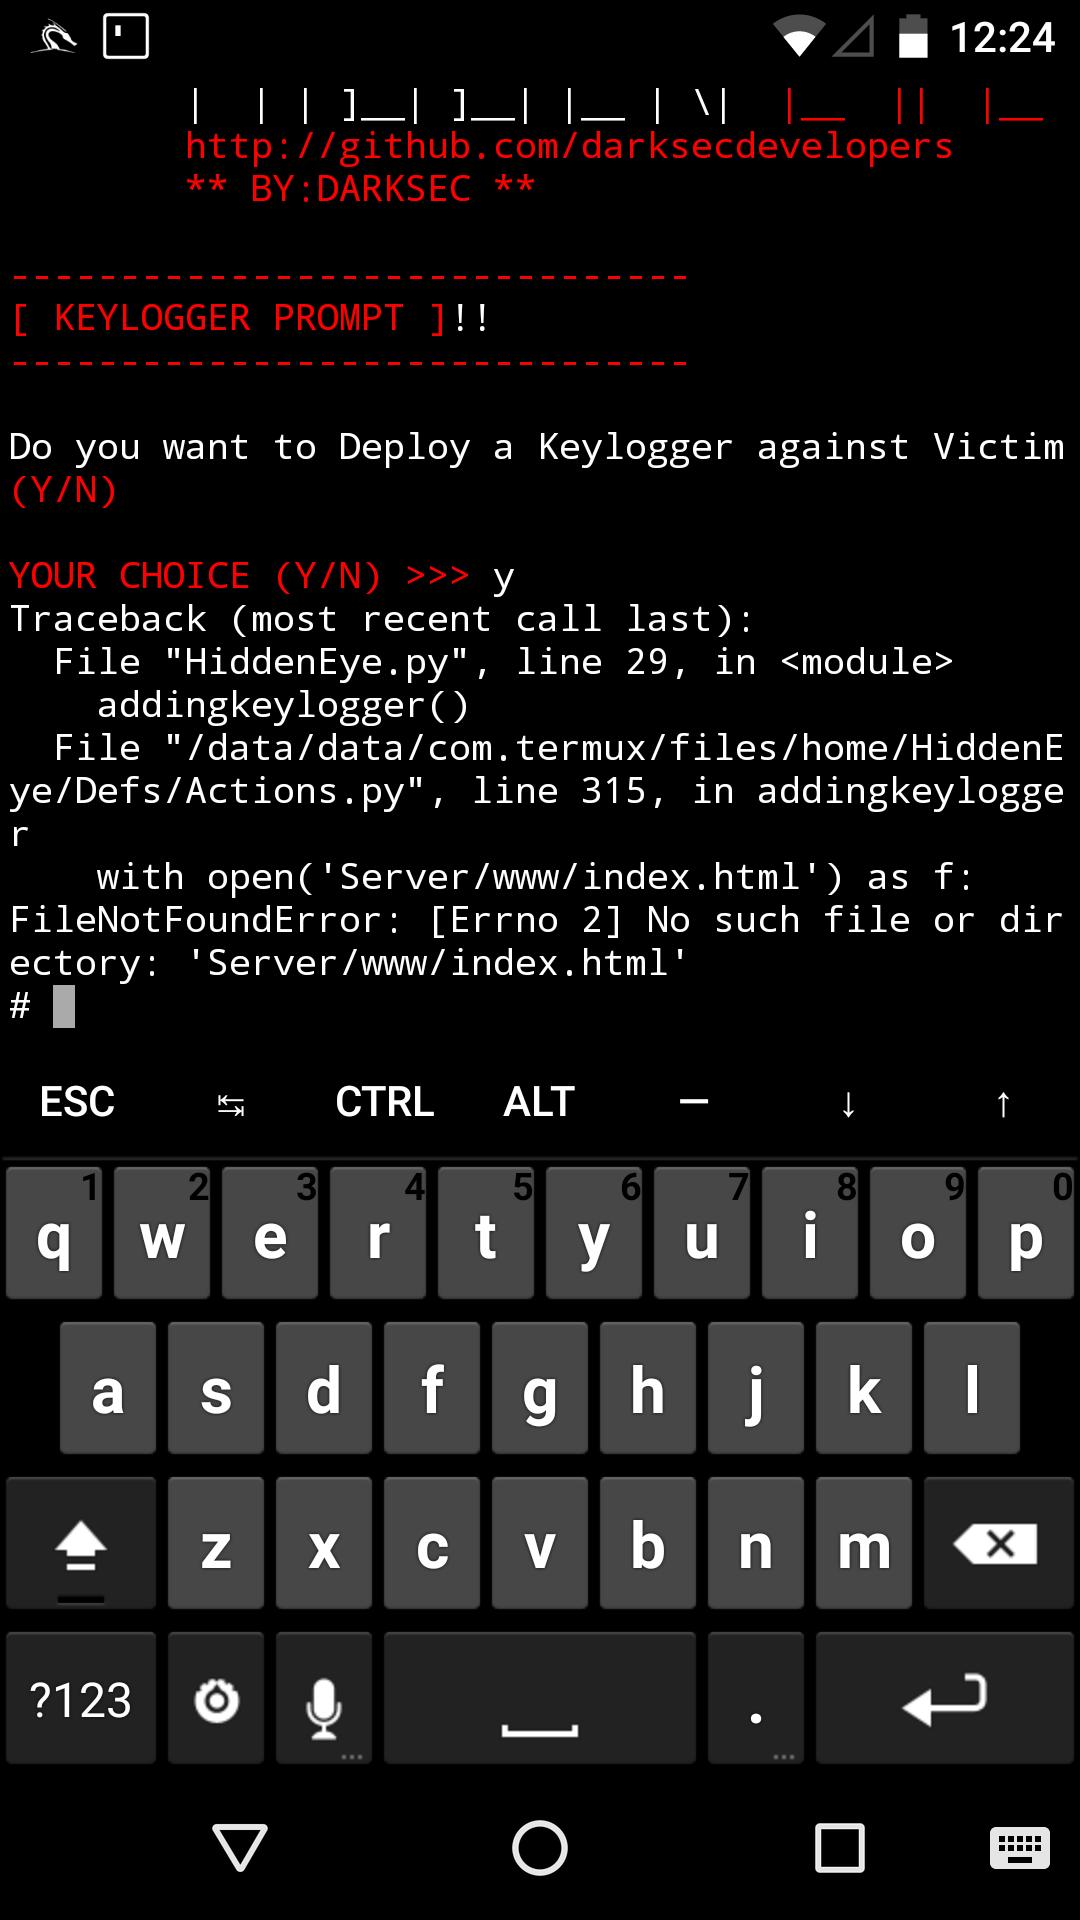 Keylogger Error · Issue #195 · DarkSecDevelopers/HiddenEye · GitHub